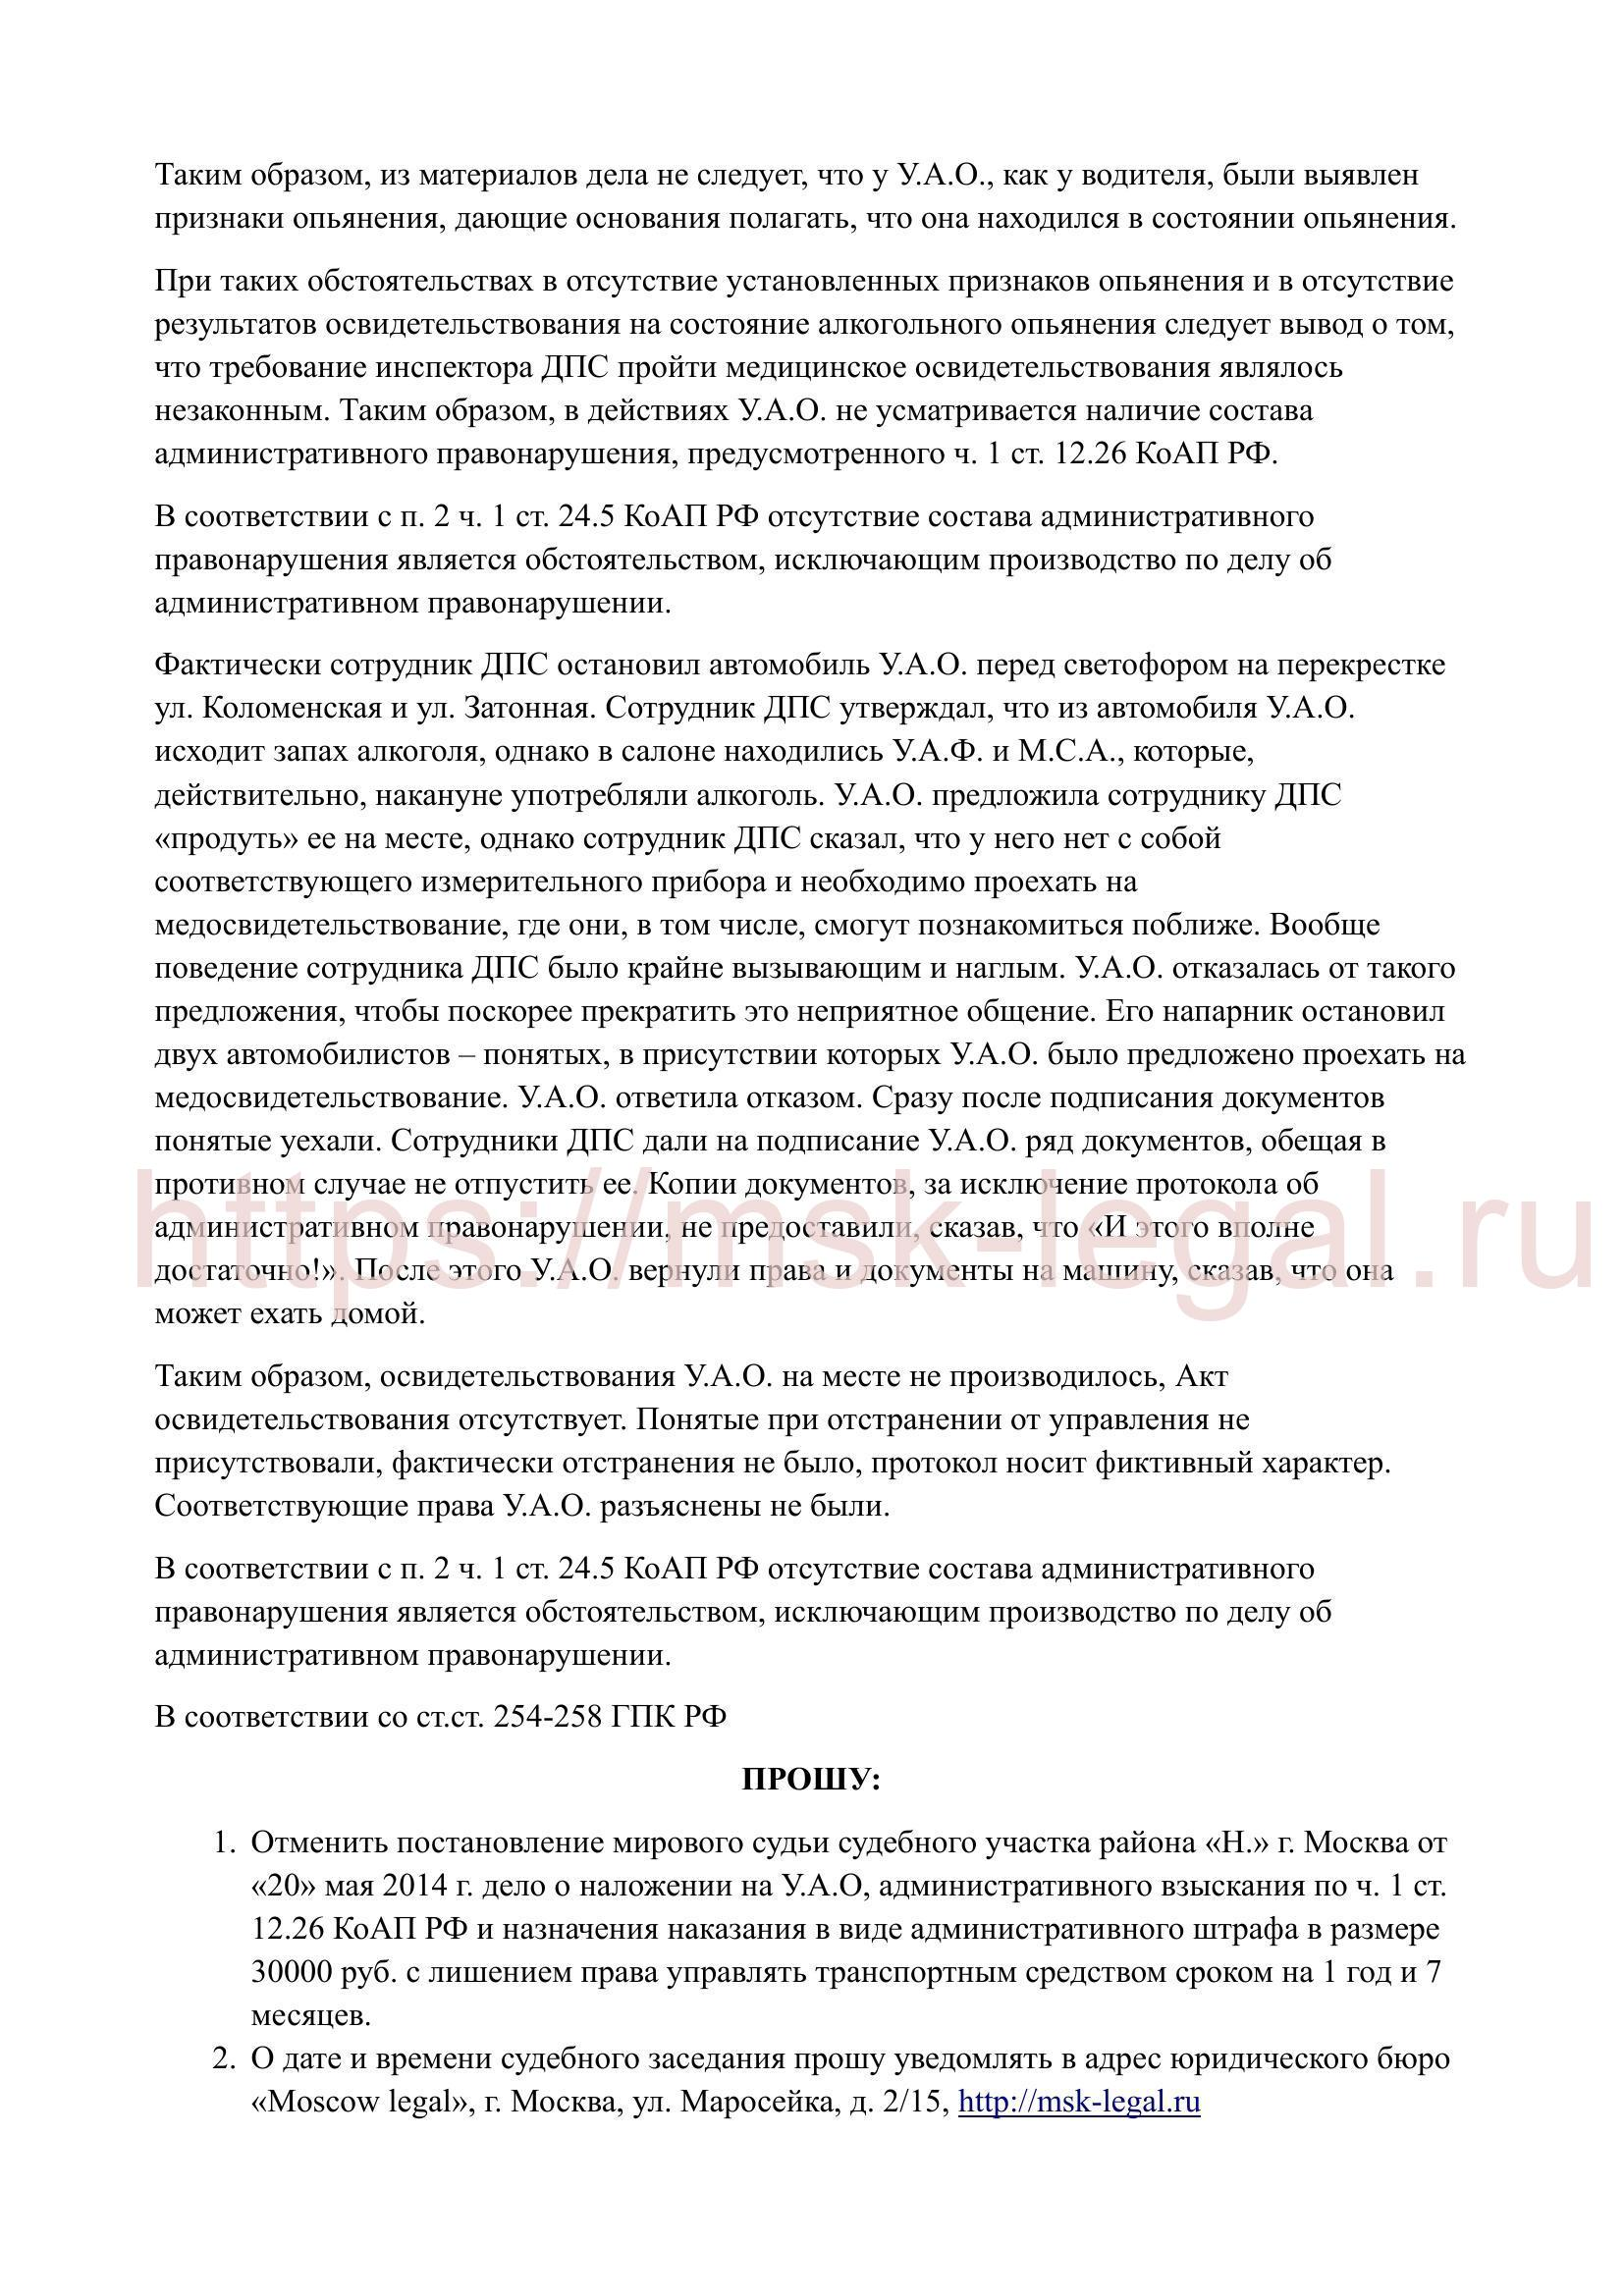 Жалоба по ч.1 ст.12.26 КоАП РФ